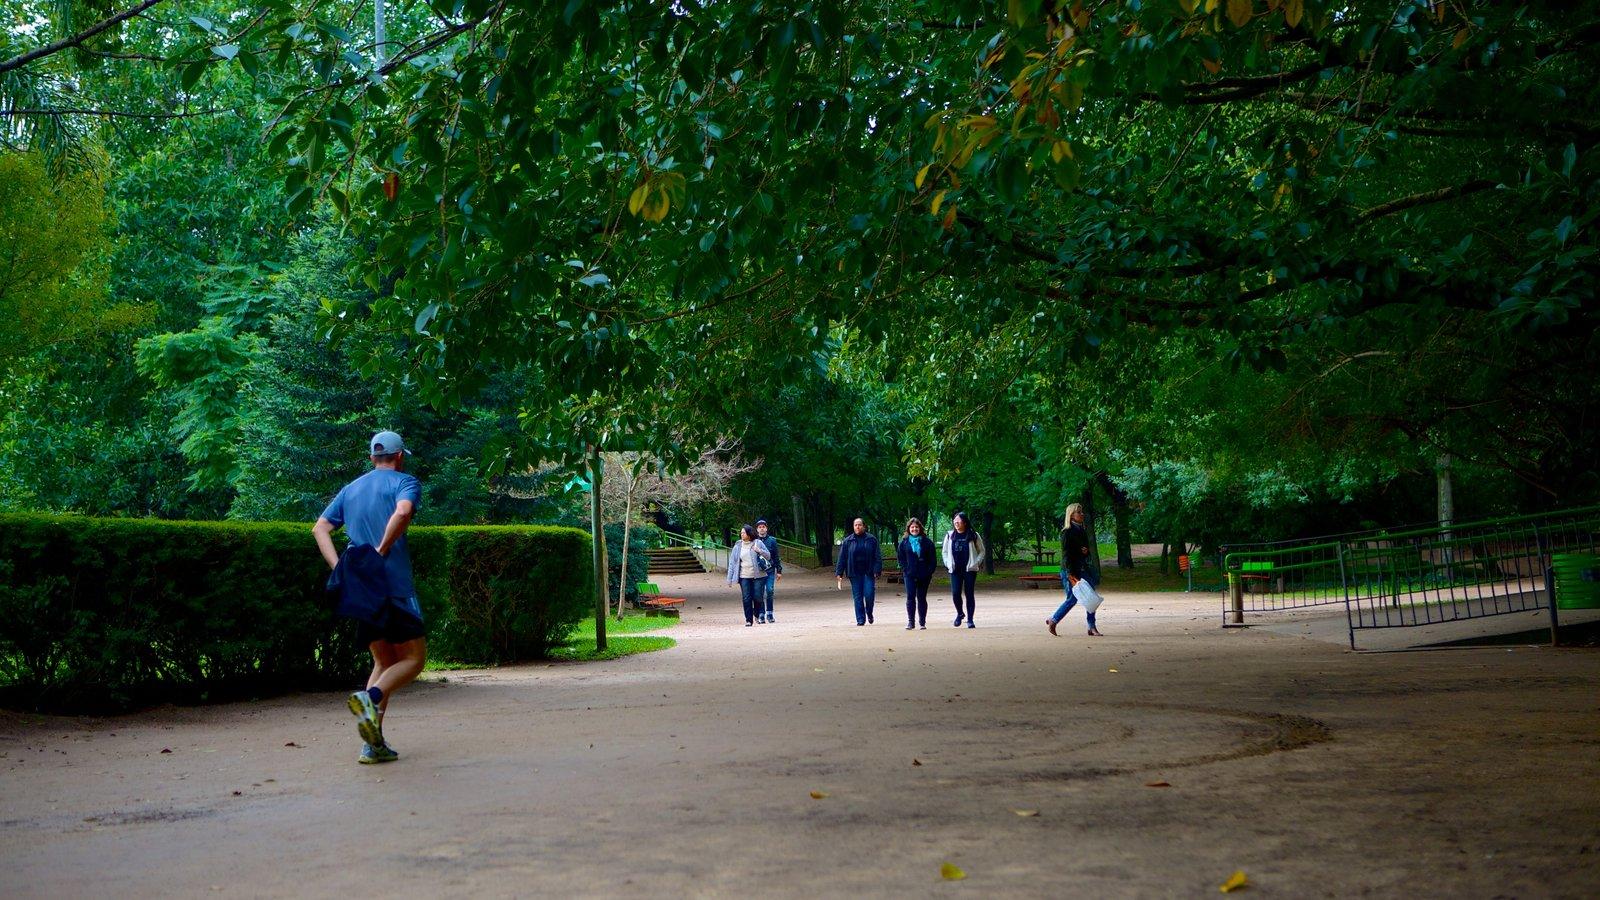 Parque Moinhos de Vento que inclui escalada ou caminhada e um jardim assim como um homem sozinho